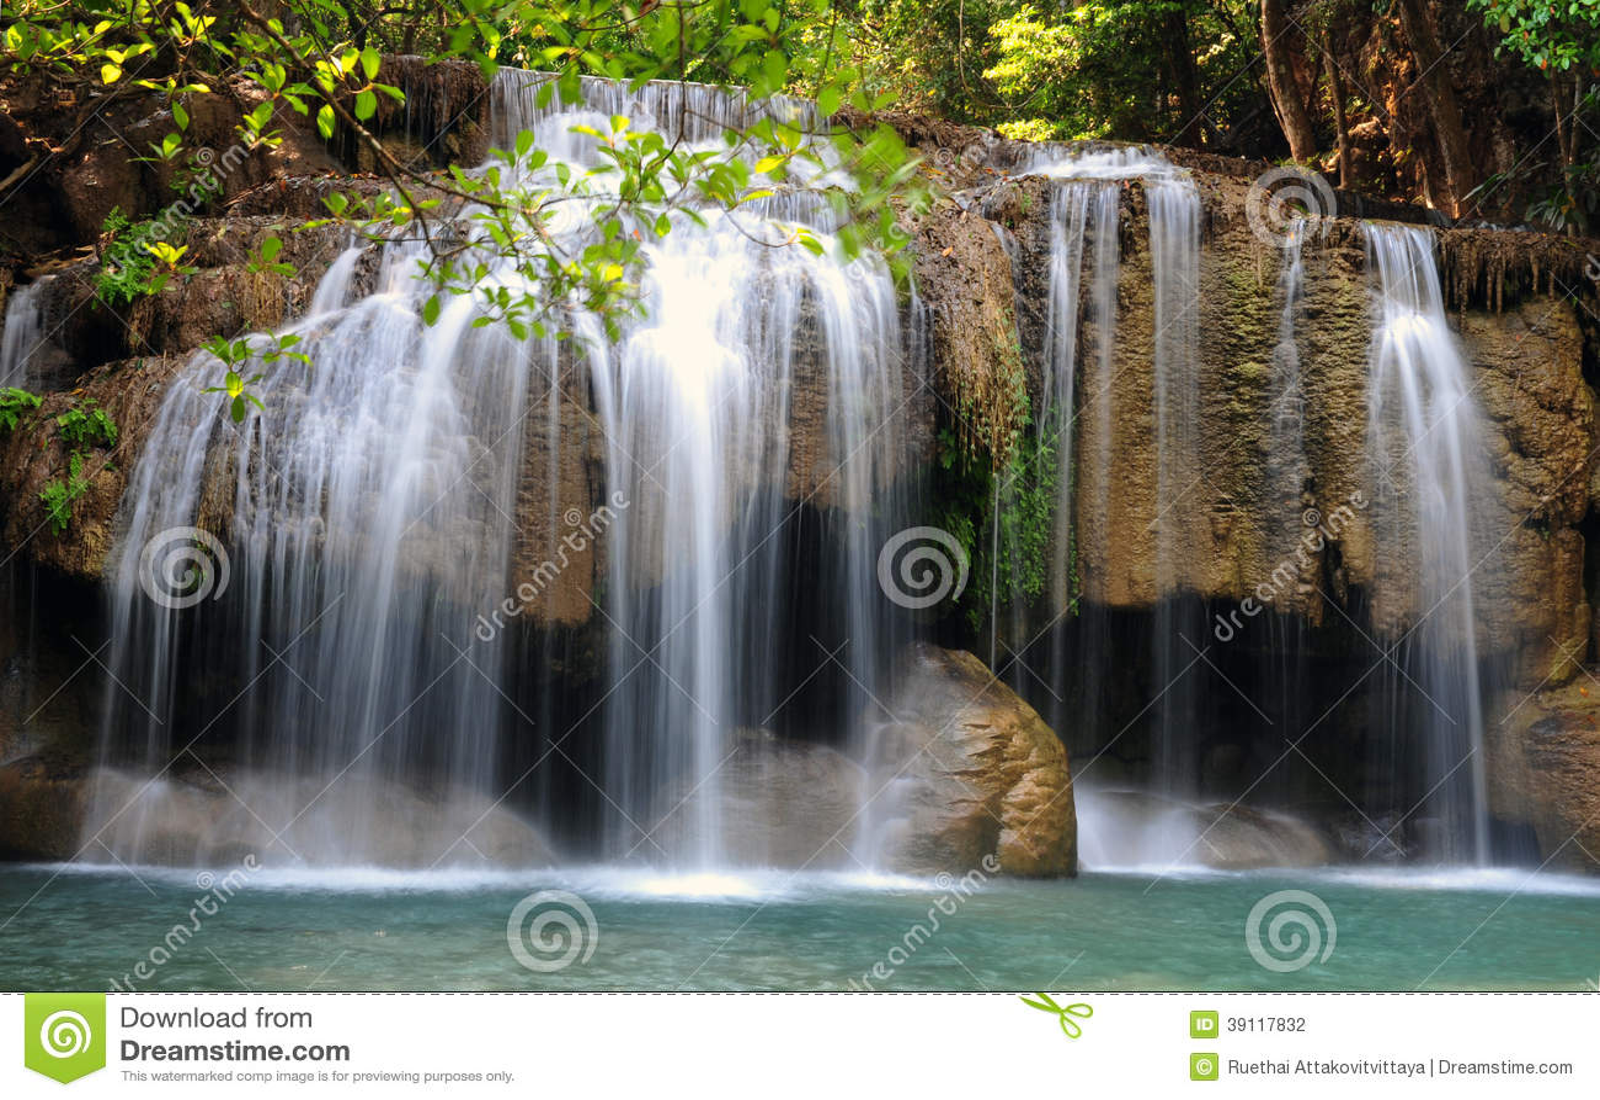 Het Nationale Park van de Erawanwaterval